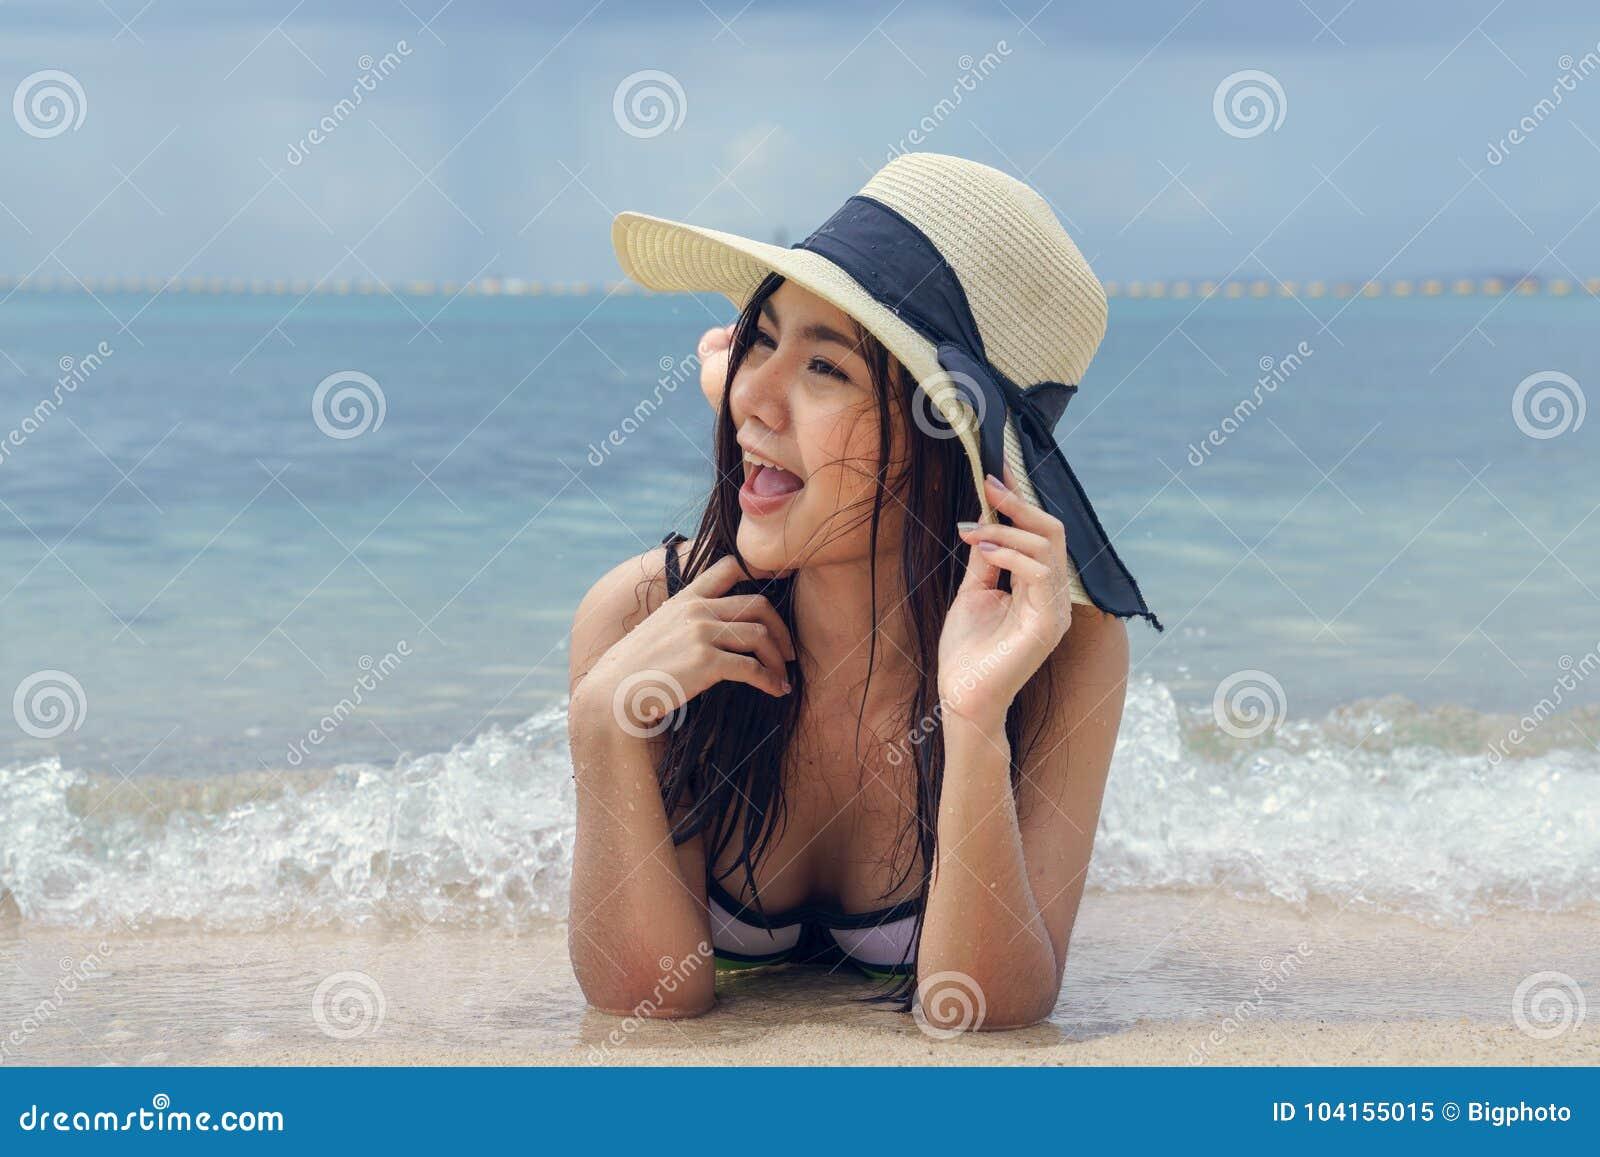 Όμορφη γυναίκα που φορά ένα καπέλο που βρίσκεται στην παραλία